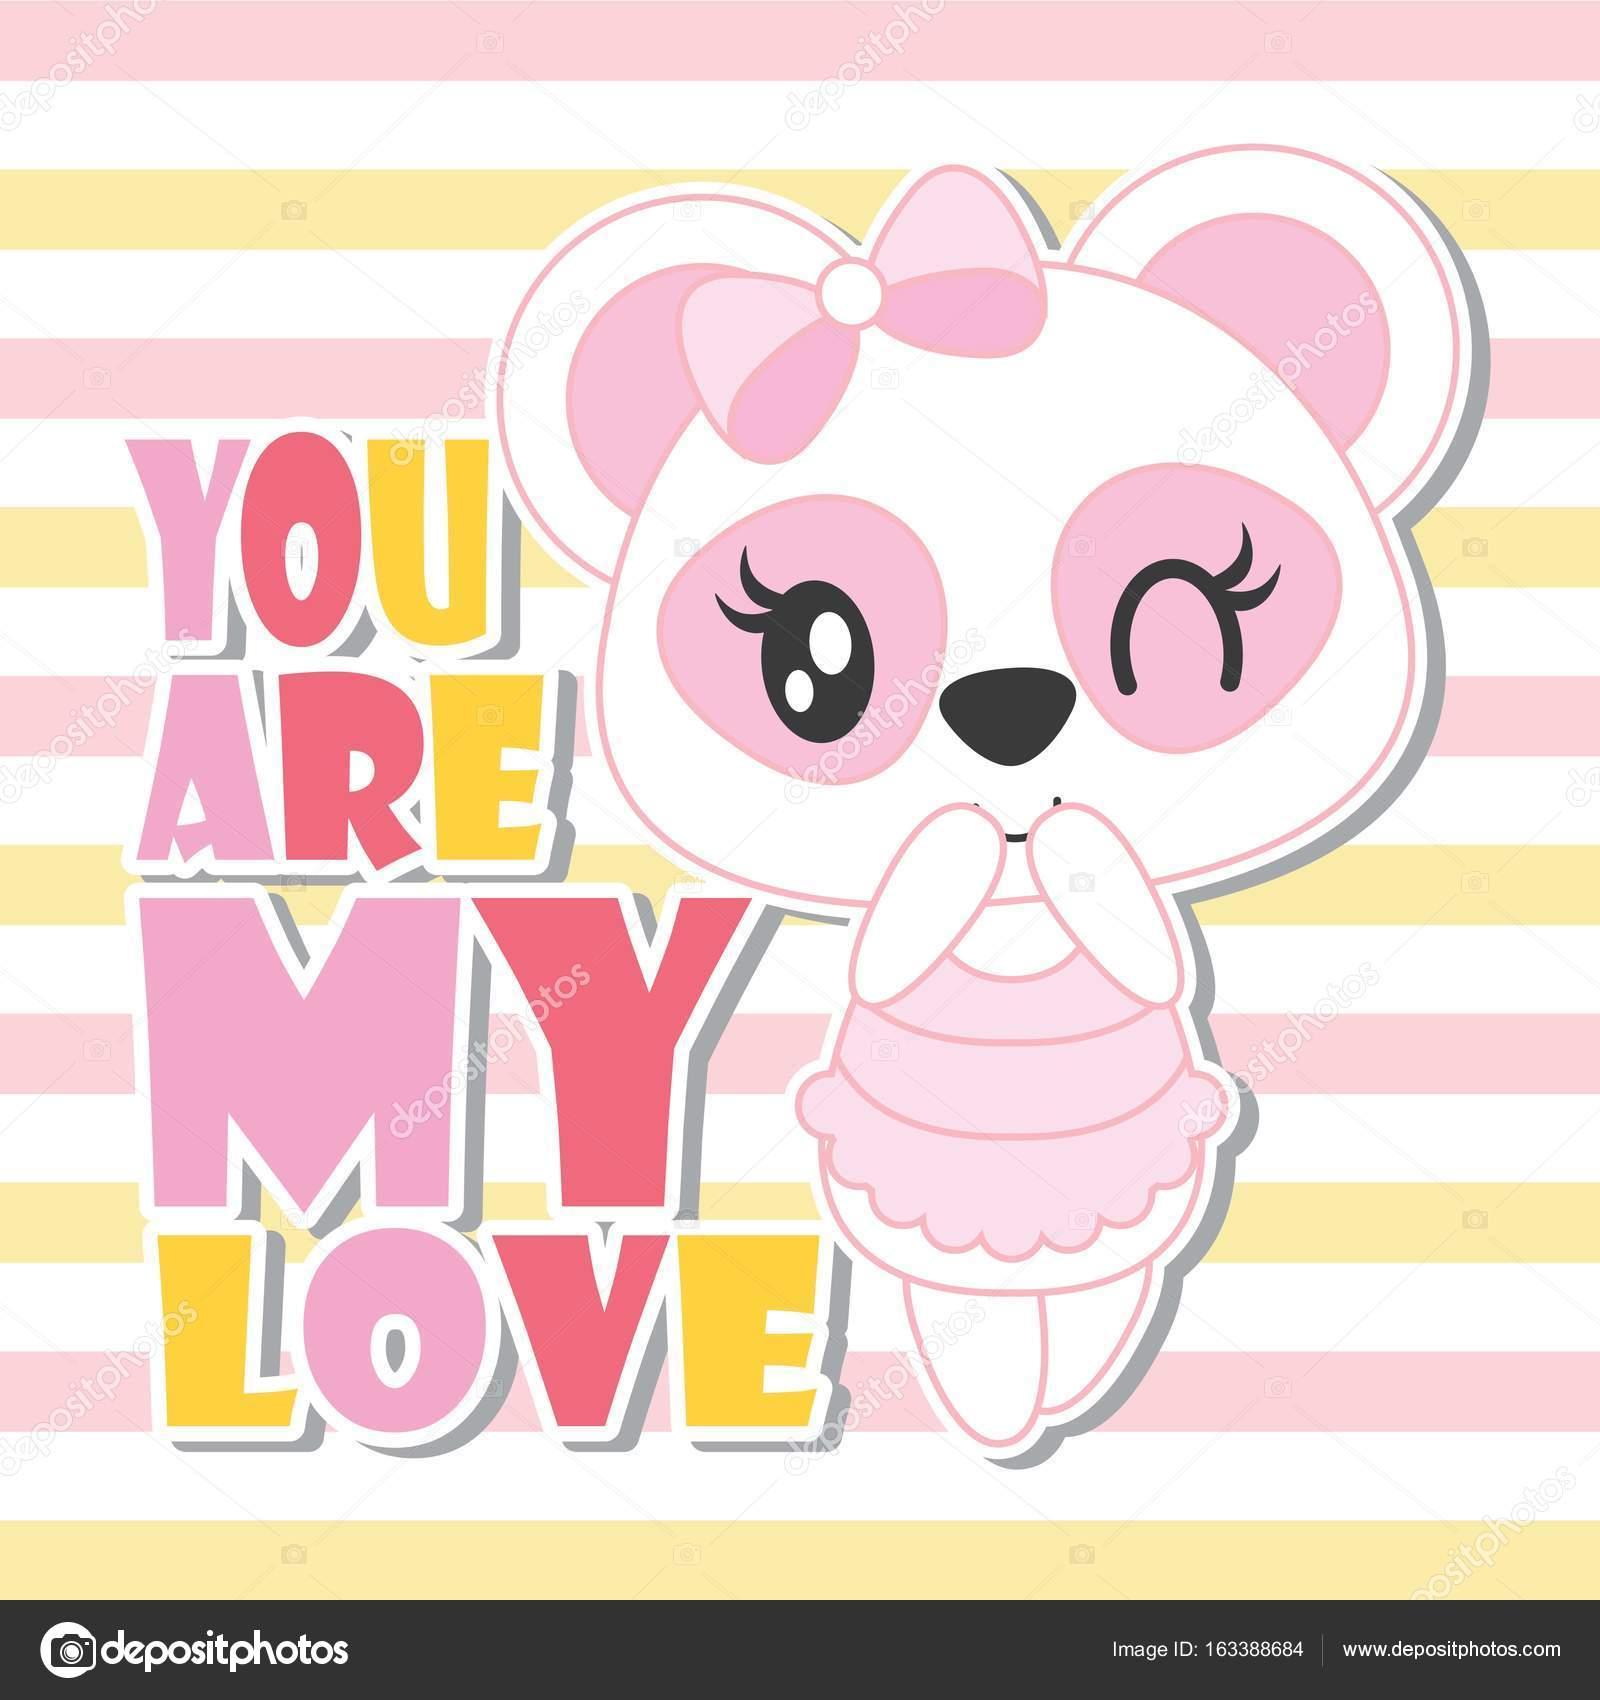 dc5ce6c9d84e9 Ilustração dos desenhos animados para bebê chuveiro cartão design, design  de camisa de t de criança e papel de parede de vetor bonito bebê panda com  meu ...